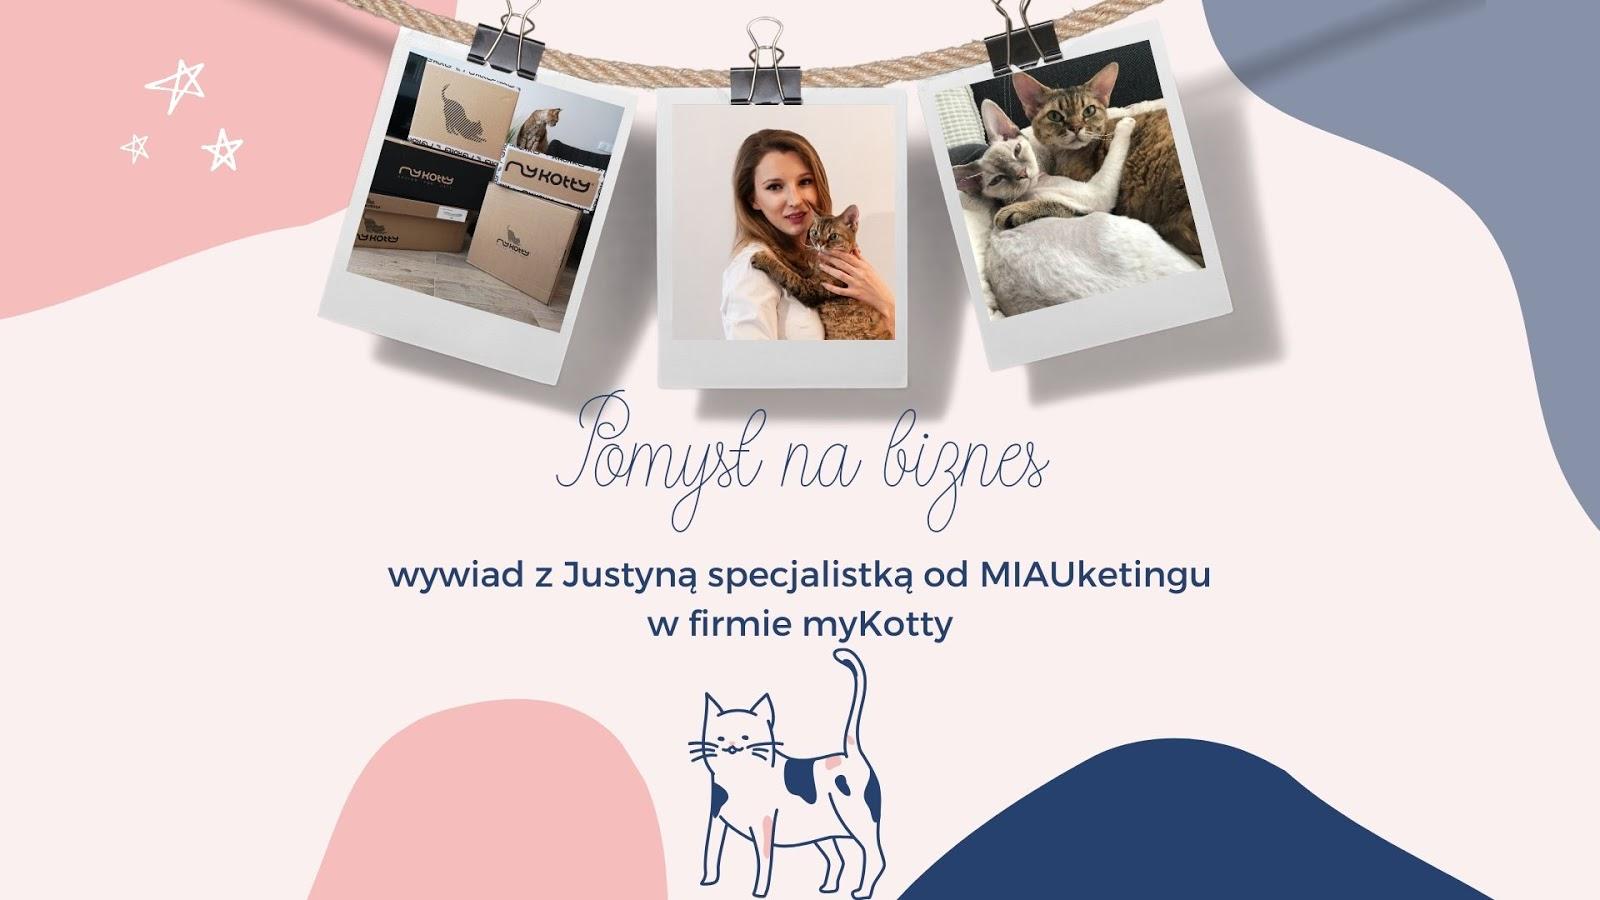 1 drapaki ekologiczne dla kota poduszki polska marka gdzie kupić zabawki gadżety dla kota dla kociarzy poduszki naturalne wypełnienie dla kotów butelki miski mykotty cena opinia